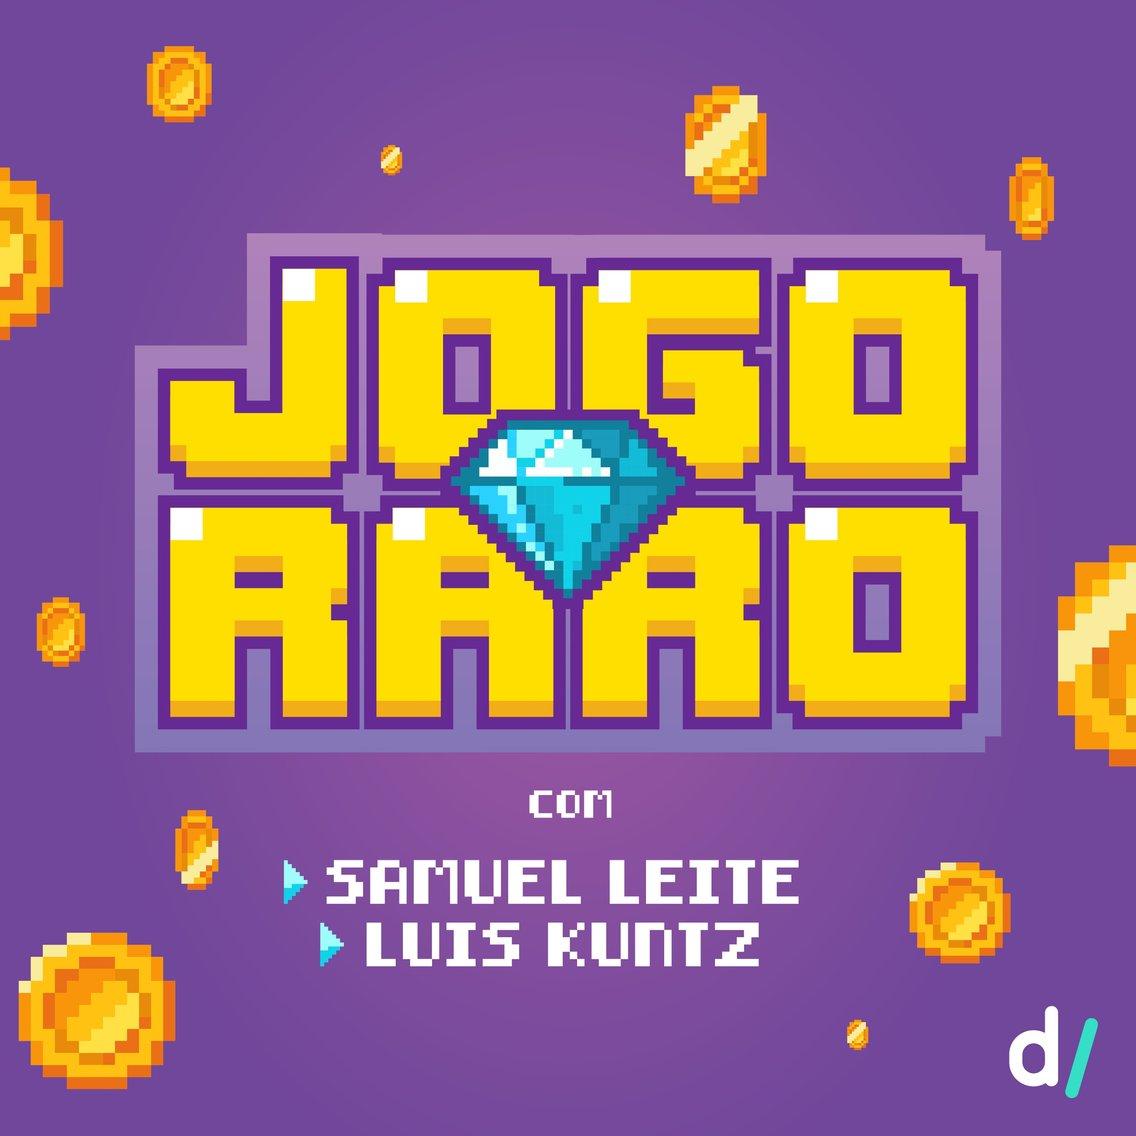 Jogo Raro - immagine di copertina